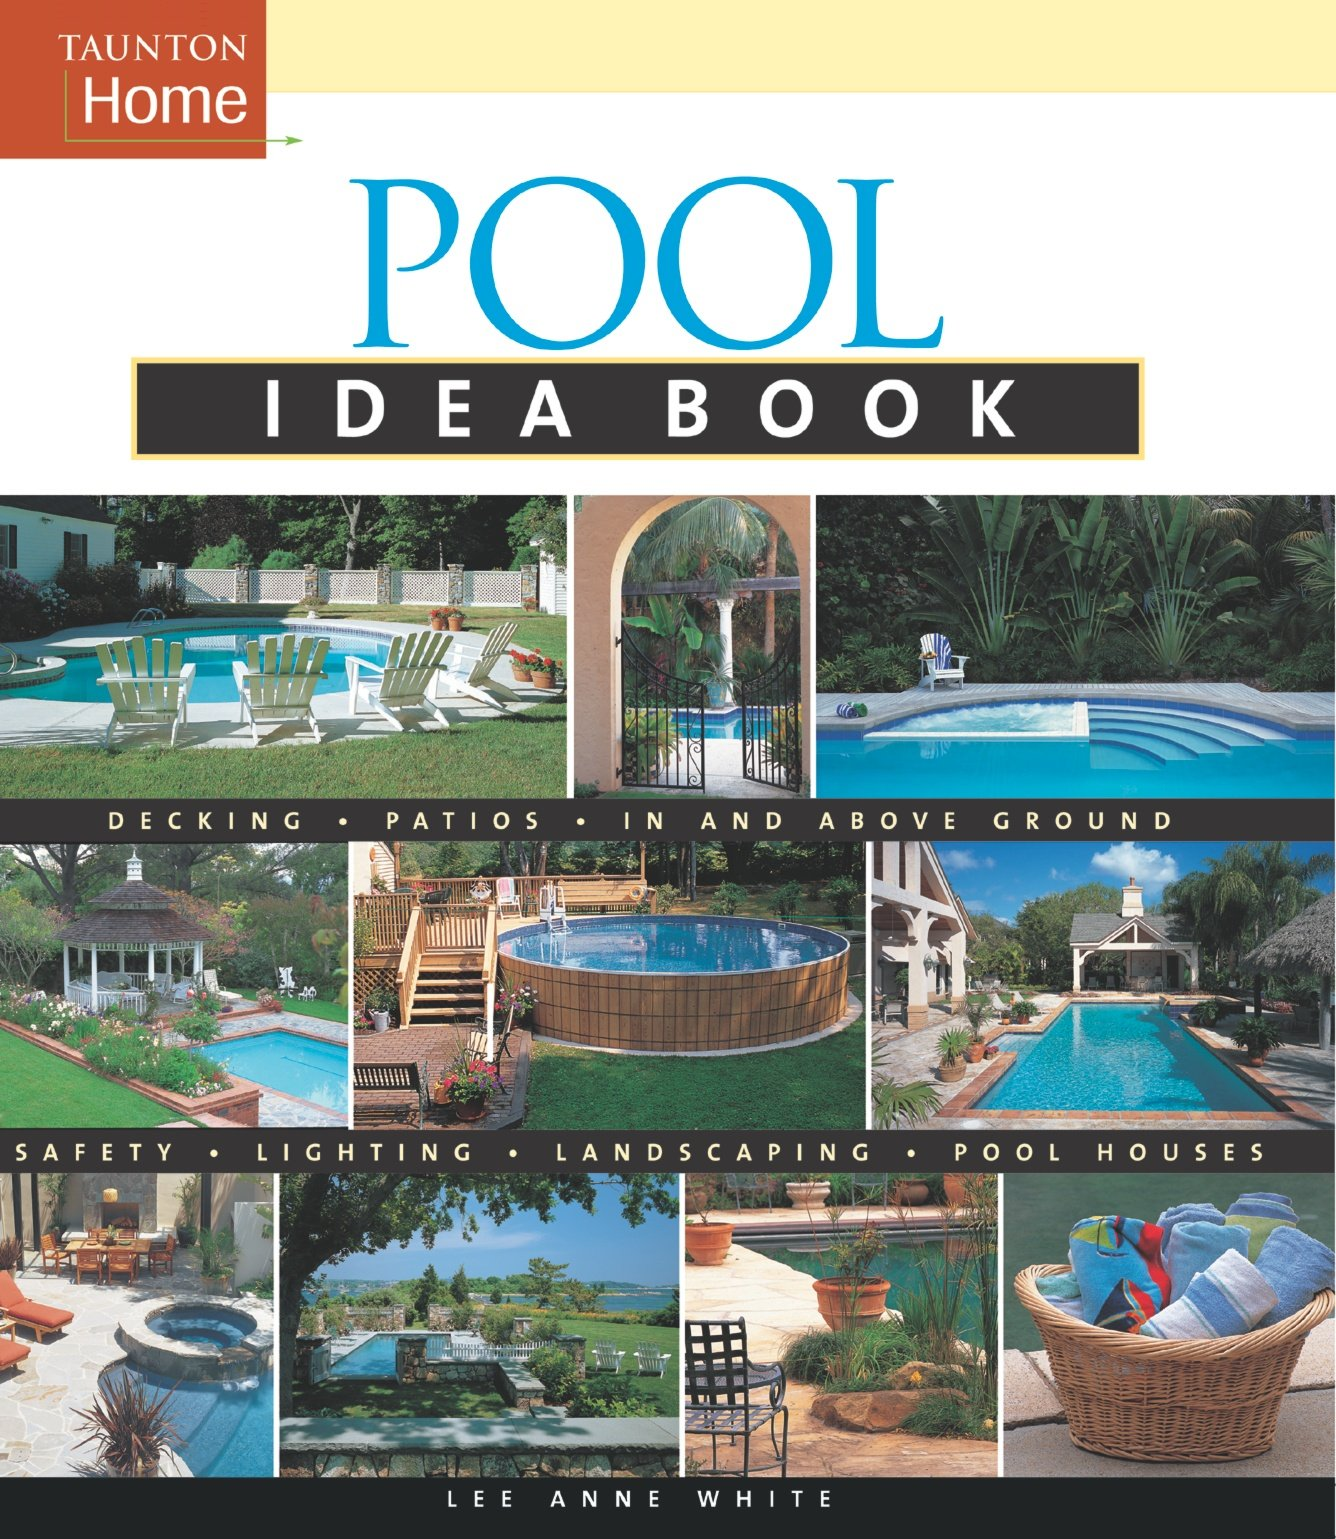 Pool Idea Book